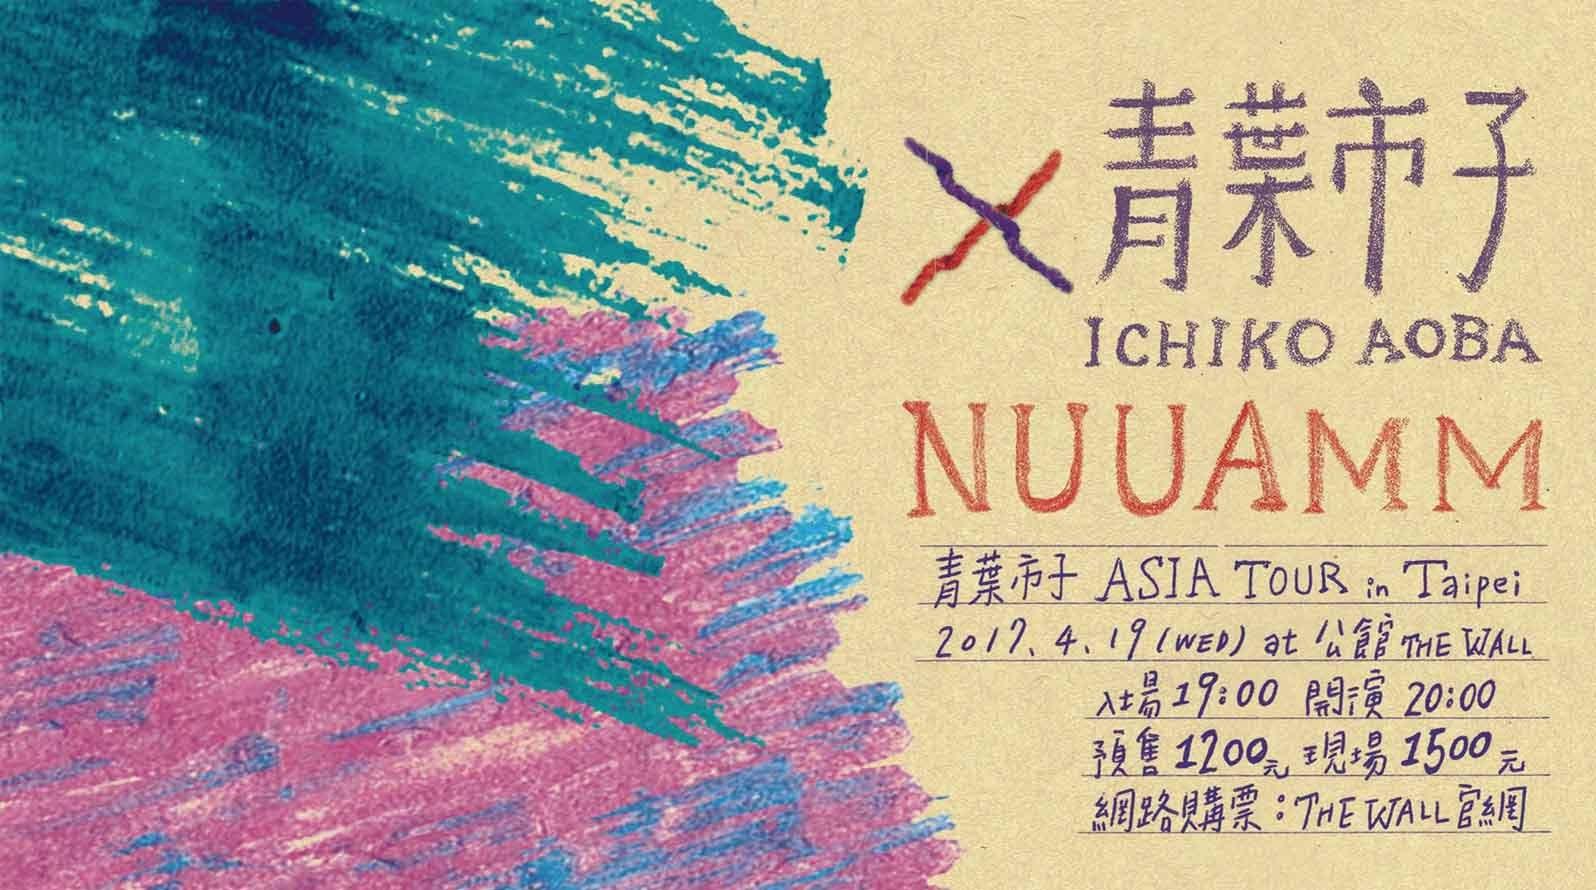 青葉市子 ASIA TOUR 2017 in Taipei『 青葉市子 × NUUAMM 』